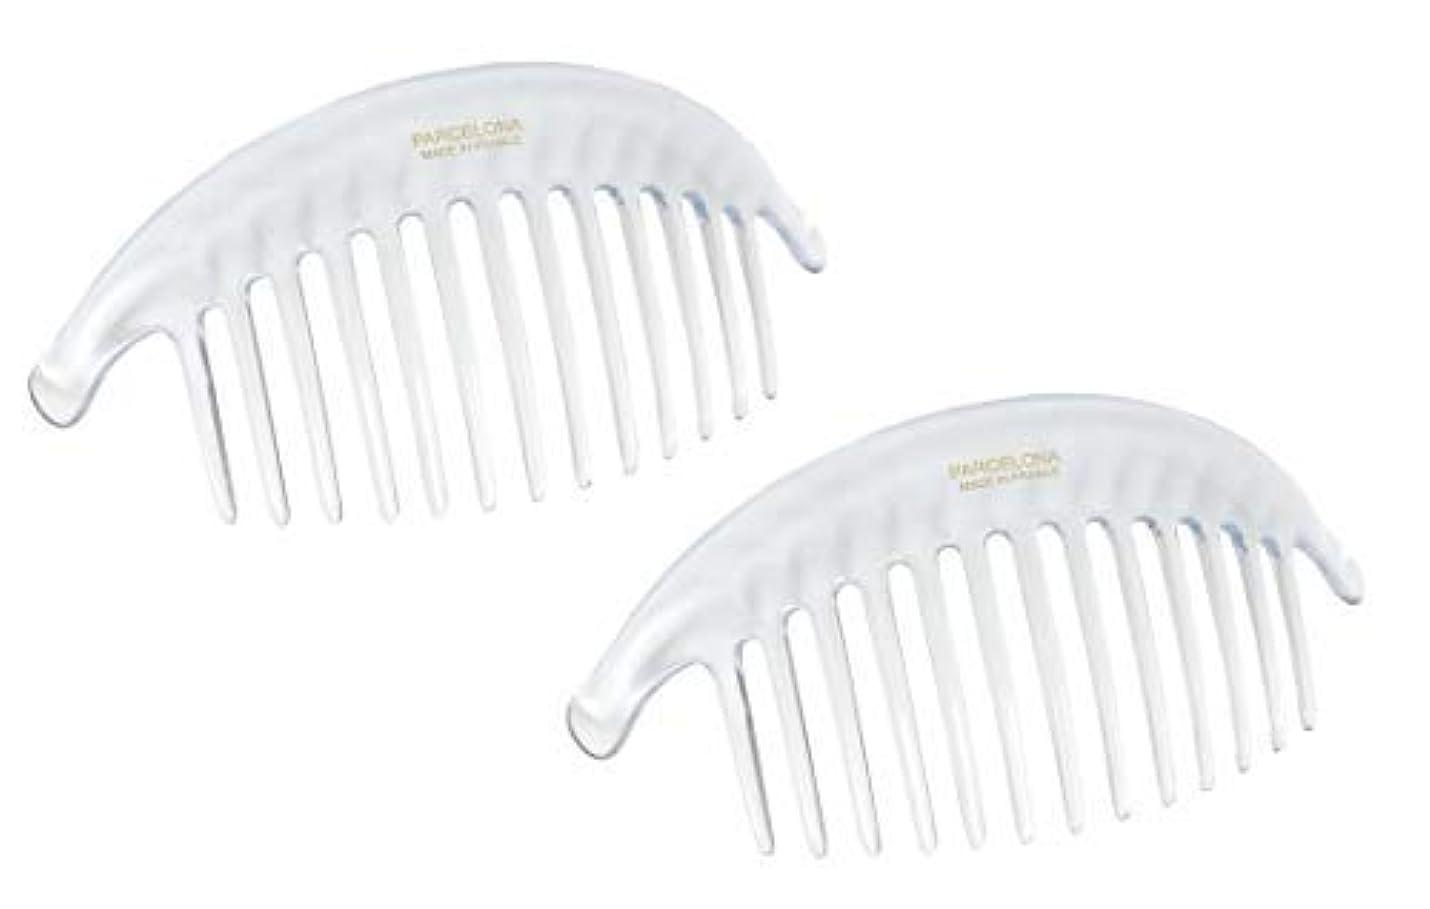 しおれた黒板勇気Parcelona French Alice Large Set of 2 Clear 13 Teeth Celluloid Acetate Interlocking Side Hair Combs [並行輸入品]